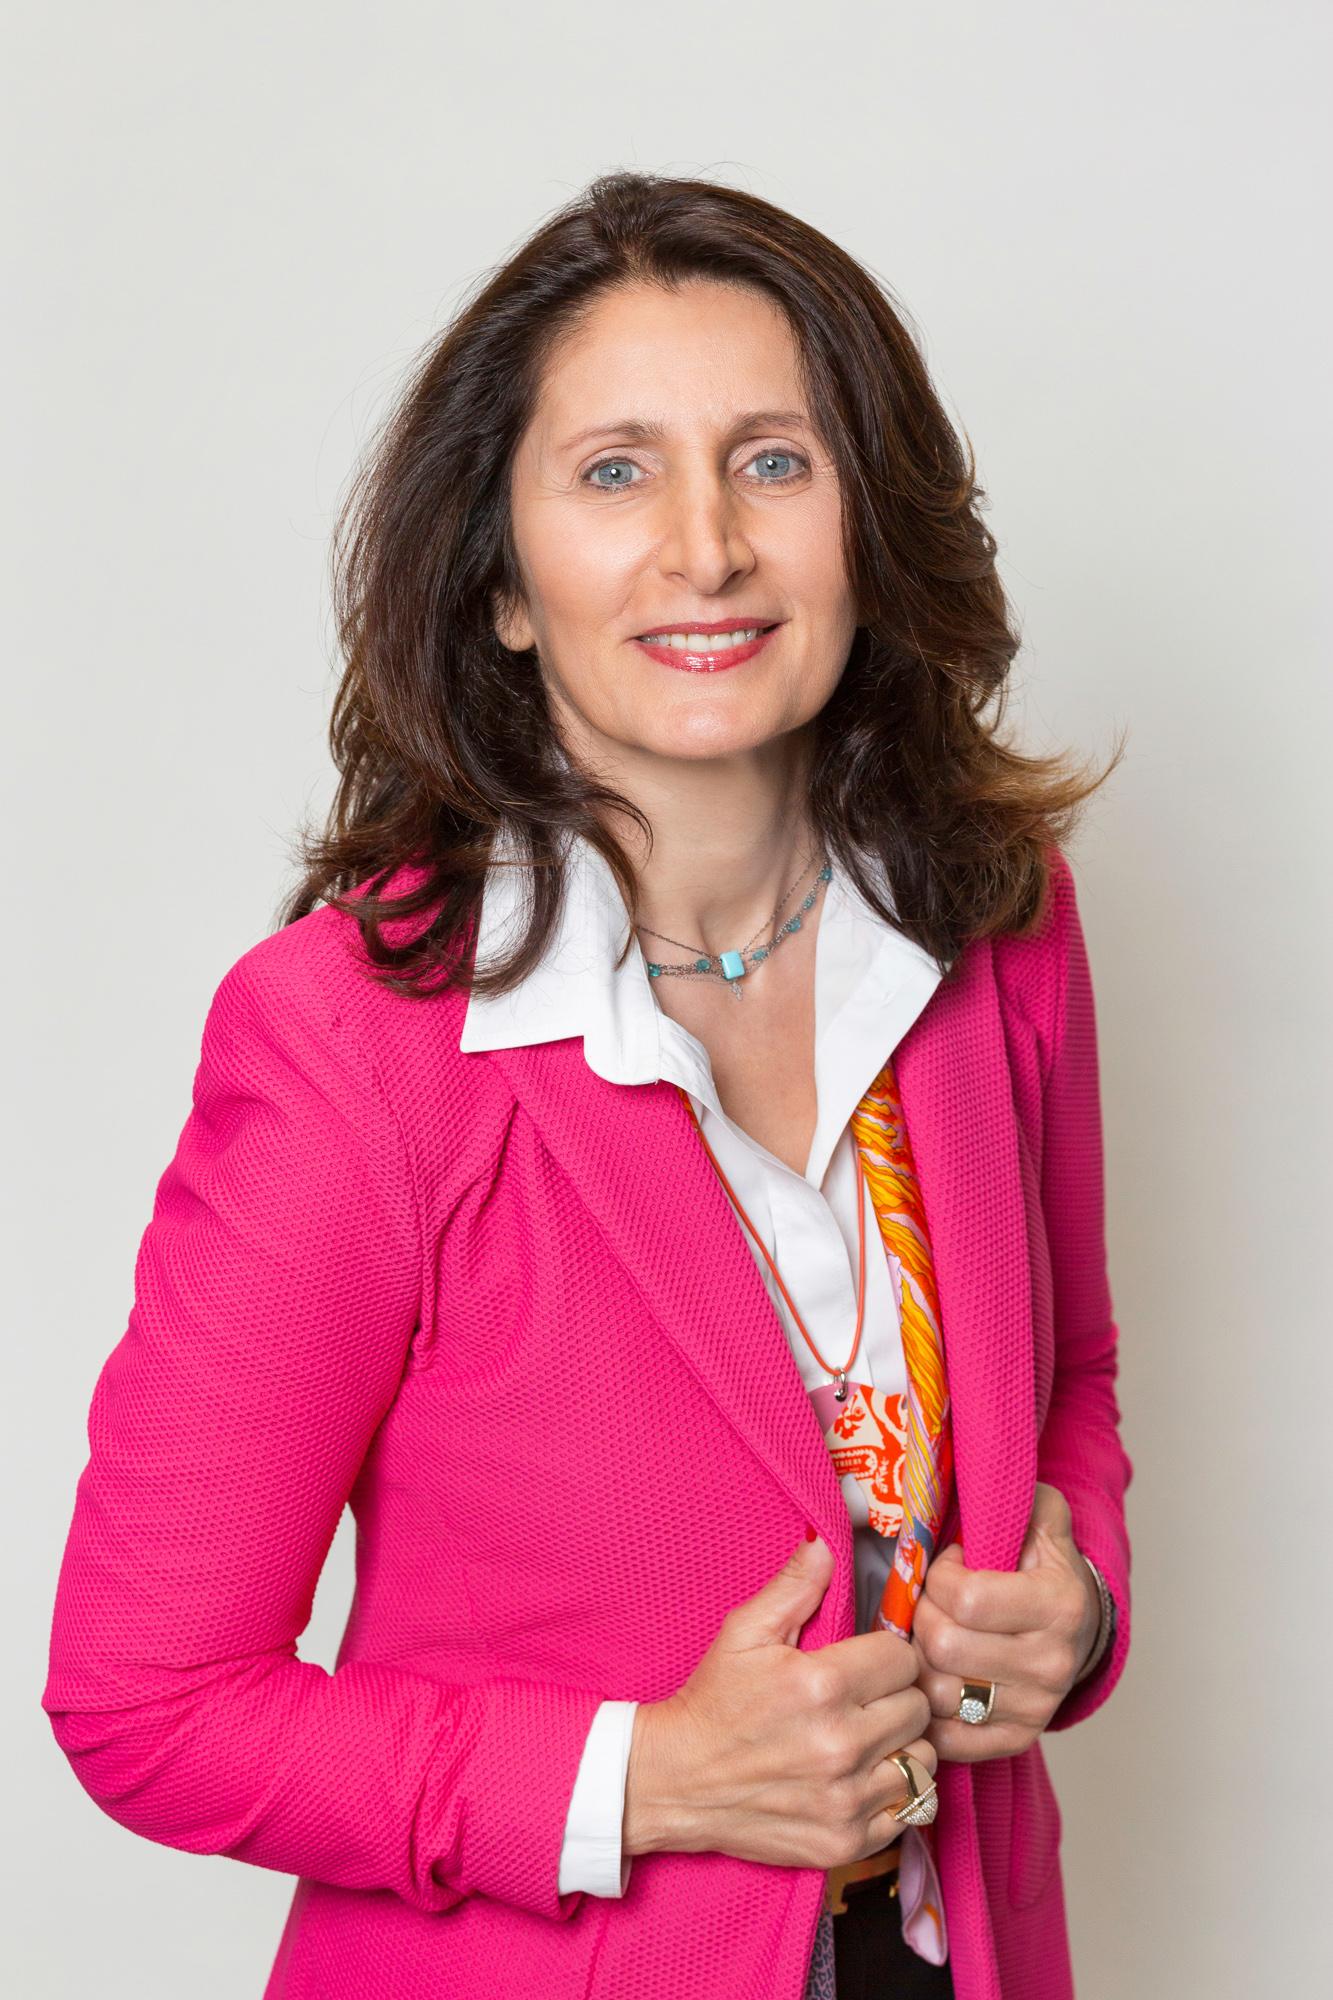 Portrait de dirigeant d'entreprise sur fond blanc